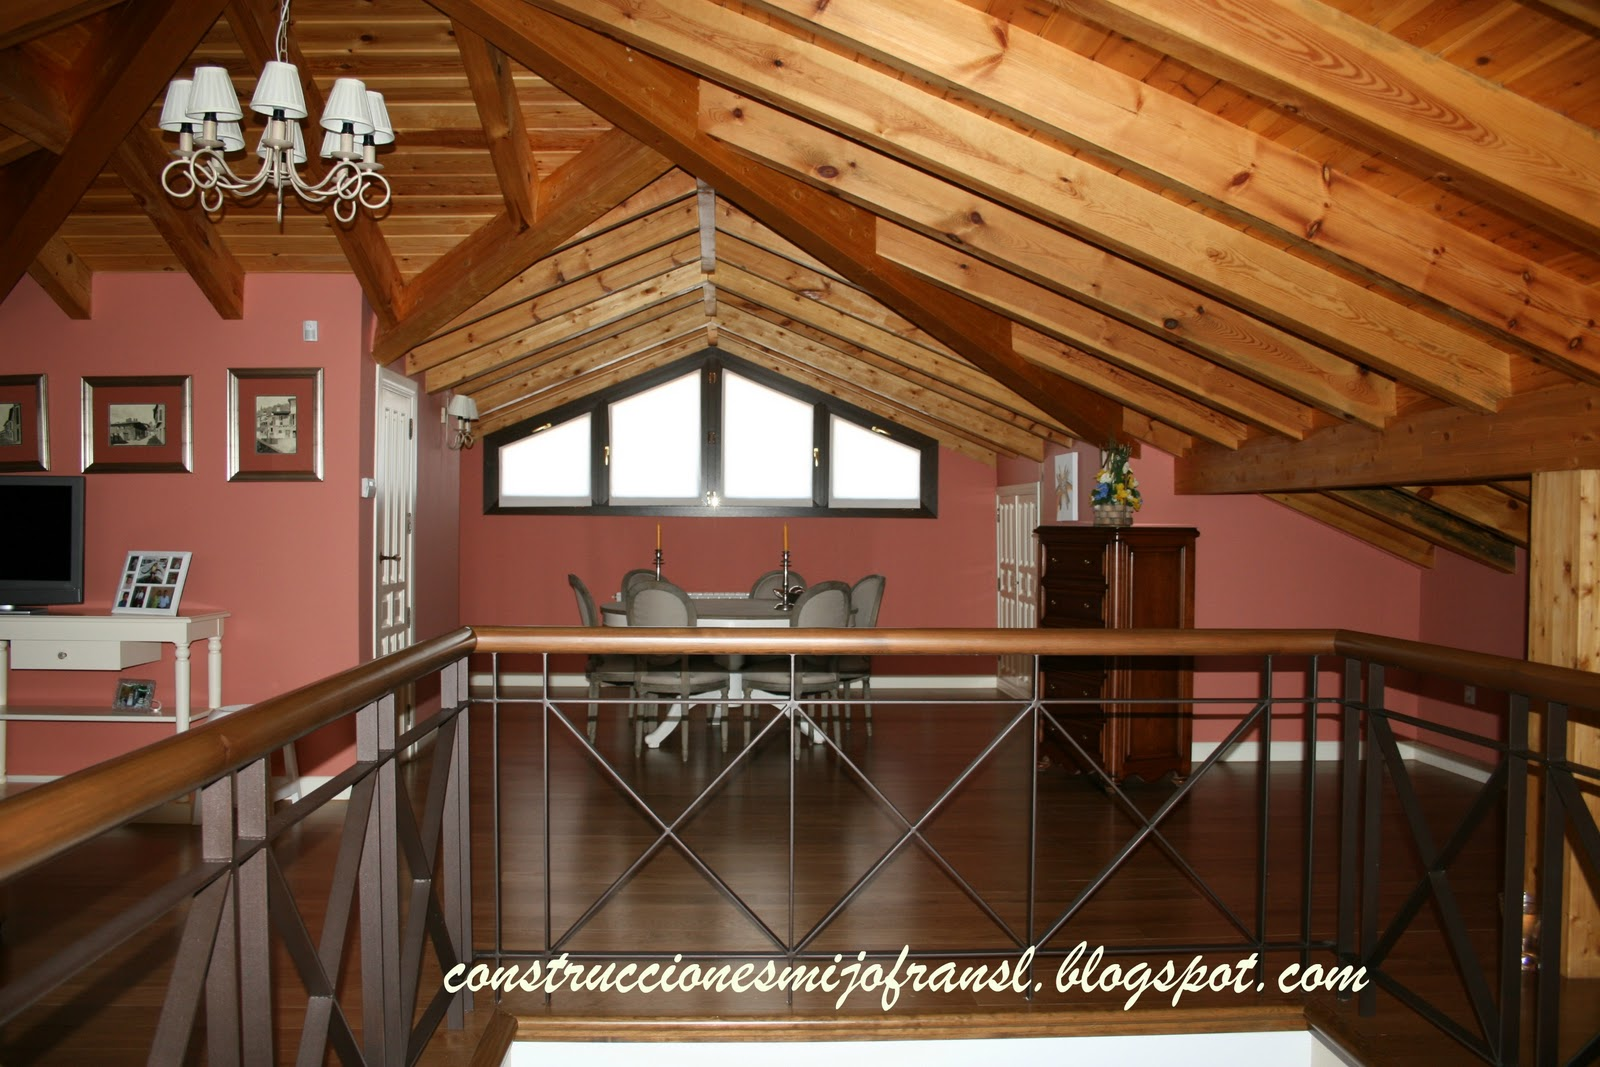 Construcciones mijofran s l casa de piedra - Casas con buhardilla ...